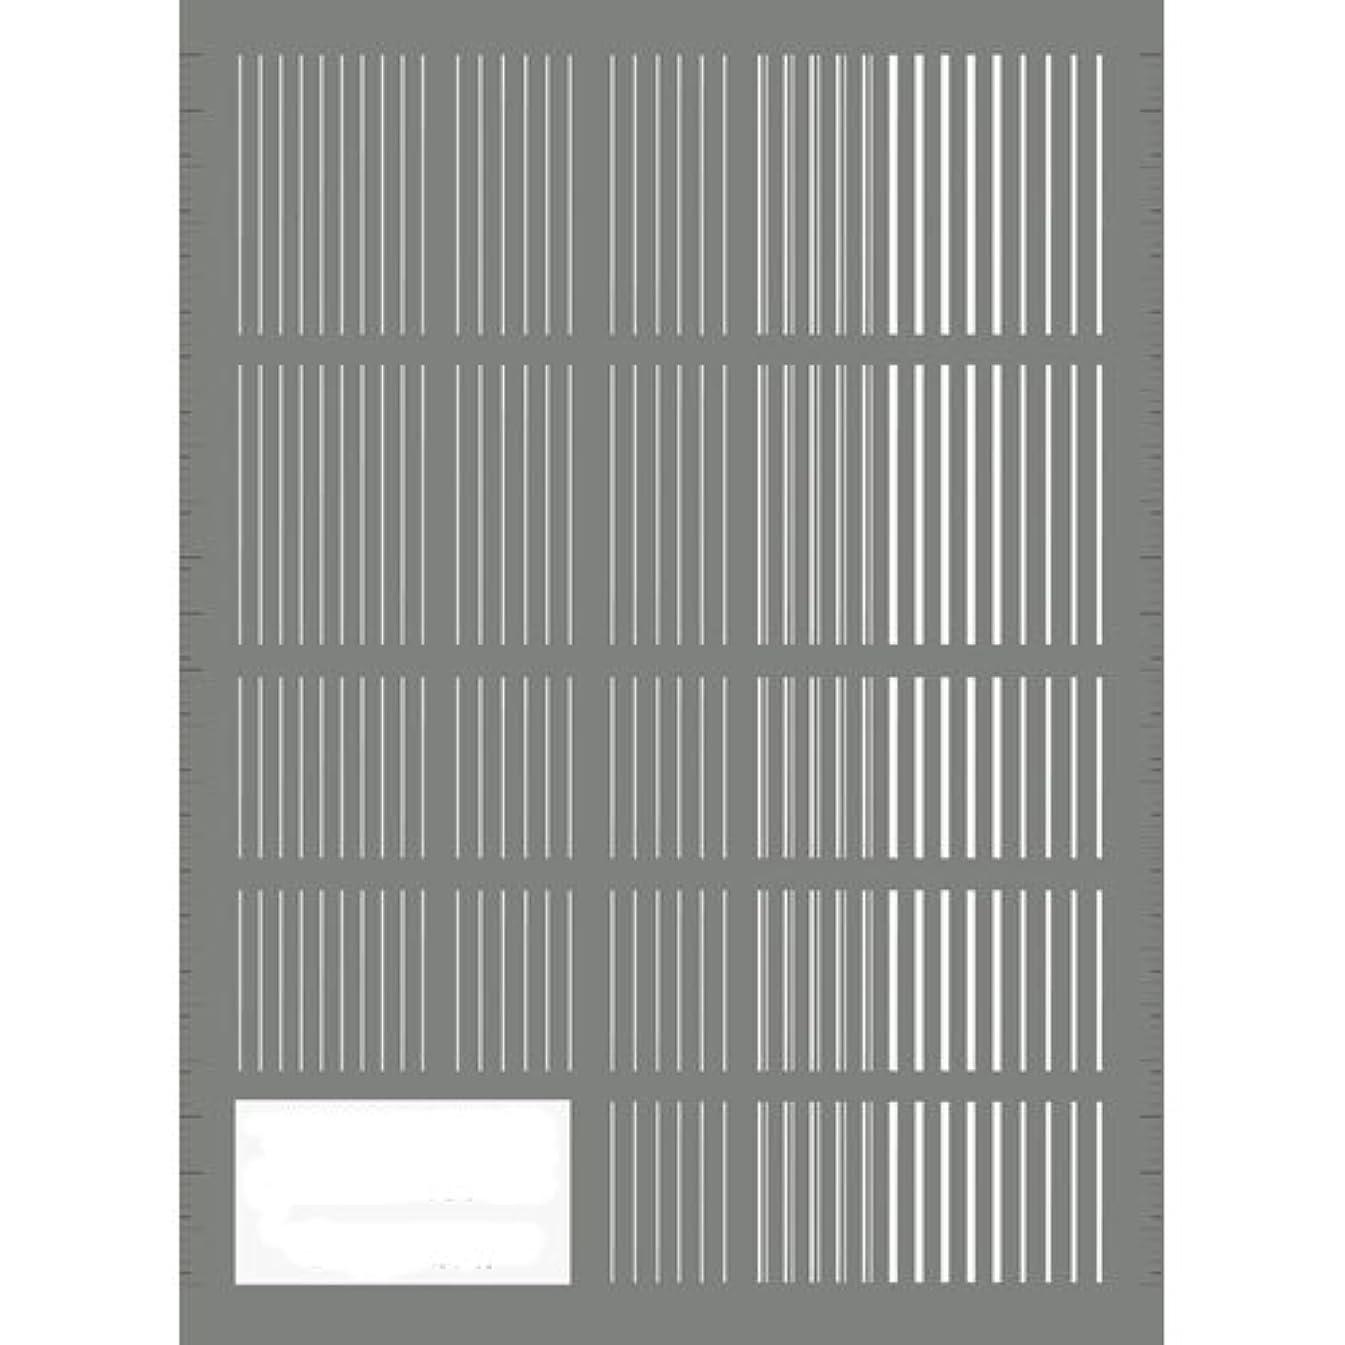 反発コーチ懐疑的ツメキラ(TSUMEKIRA) ネイル用シール ピンストライプ ホワイト NN-PIN-101